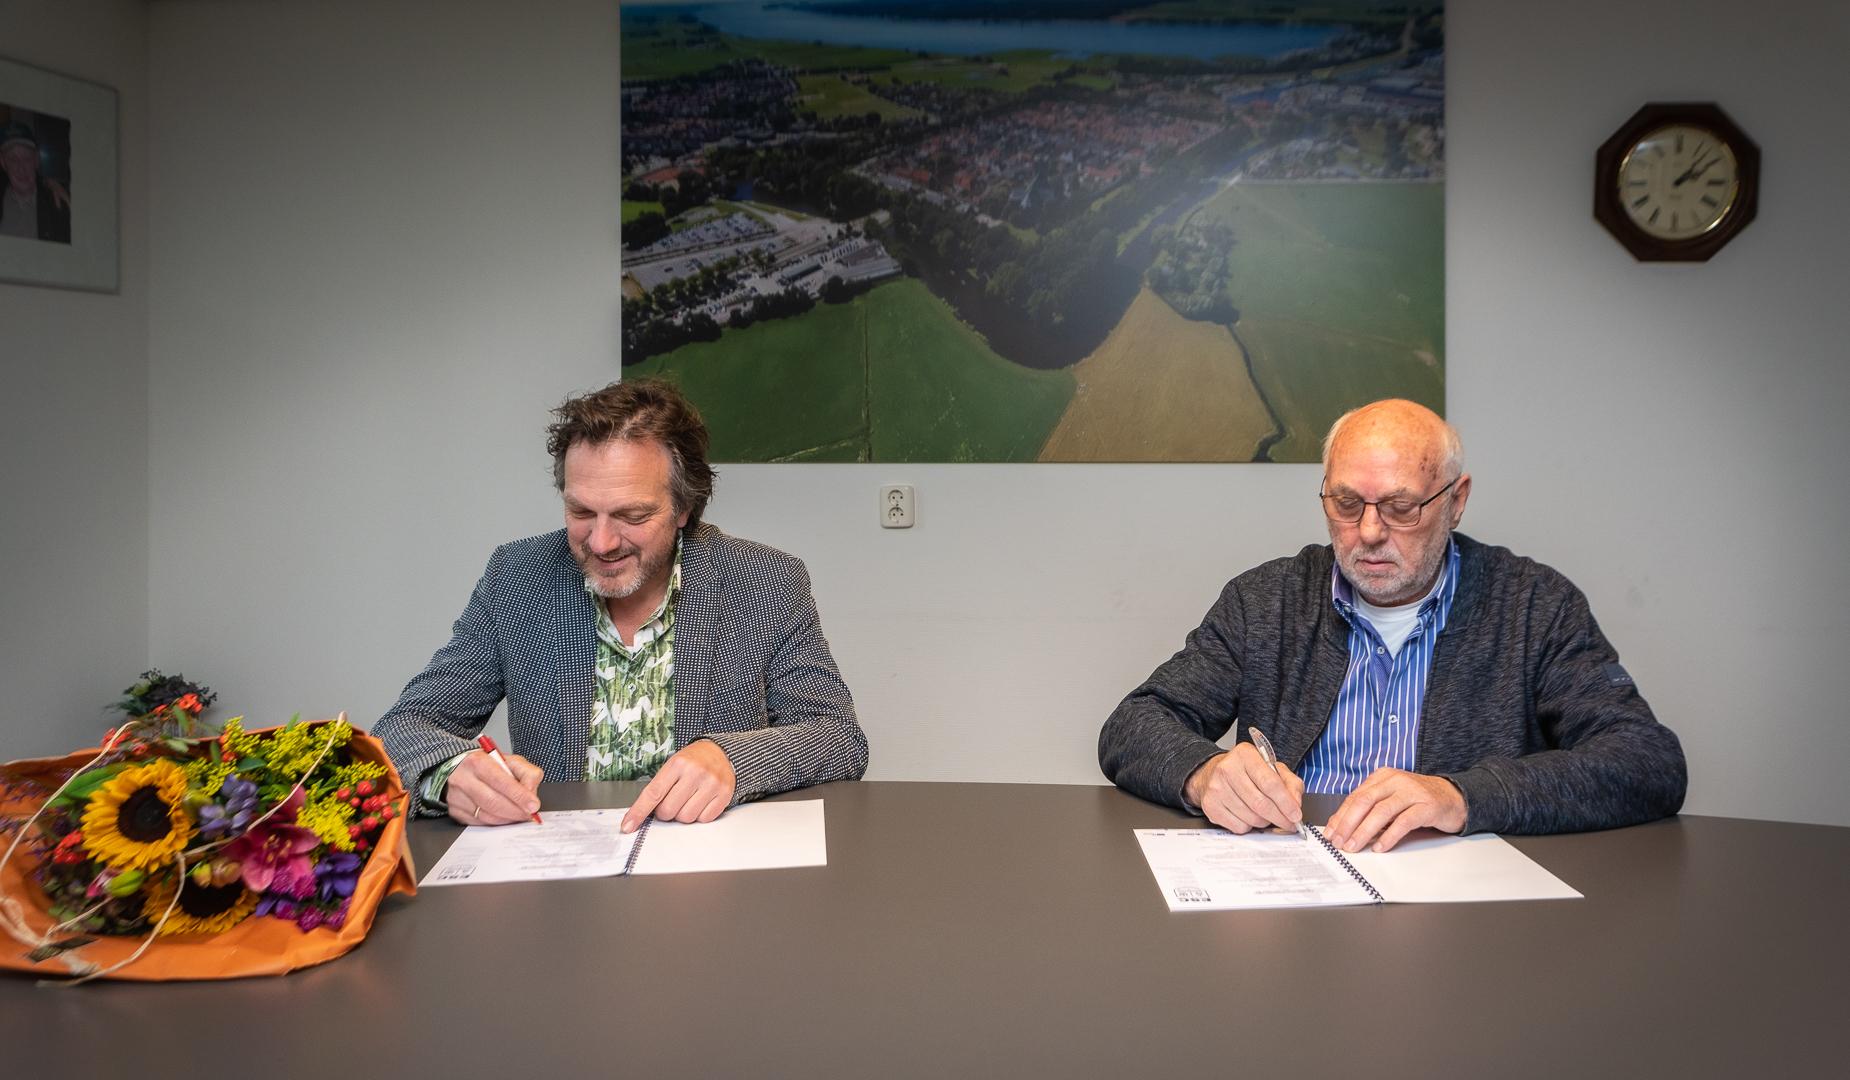 Kijk Hans: Onze nieuwe trotse sponsor! - Elburger SC